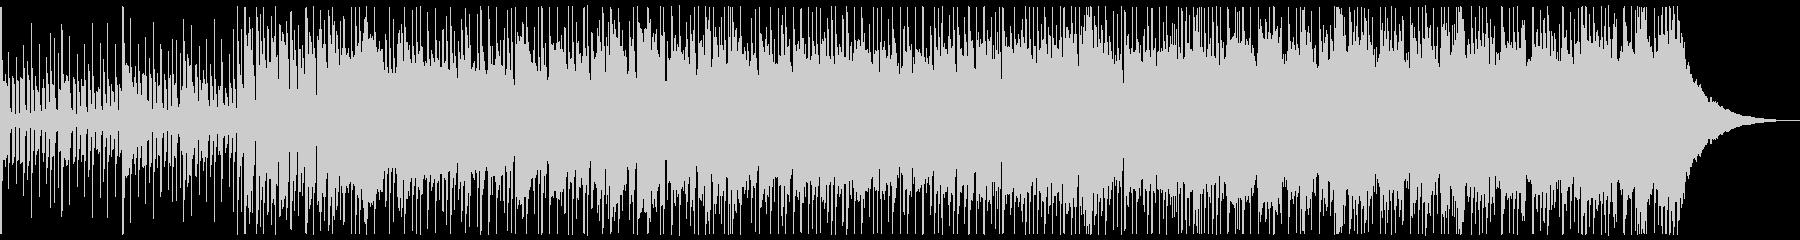 エモいオルタナ系ギターバラードの未再生の波形